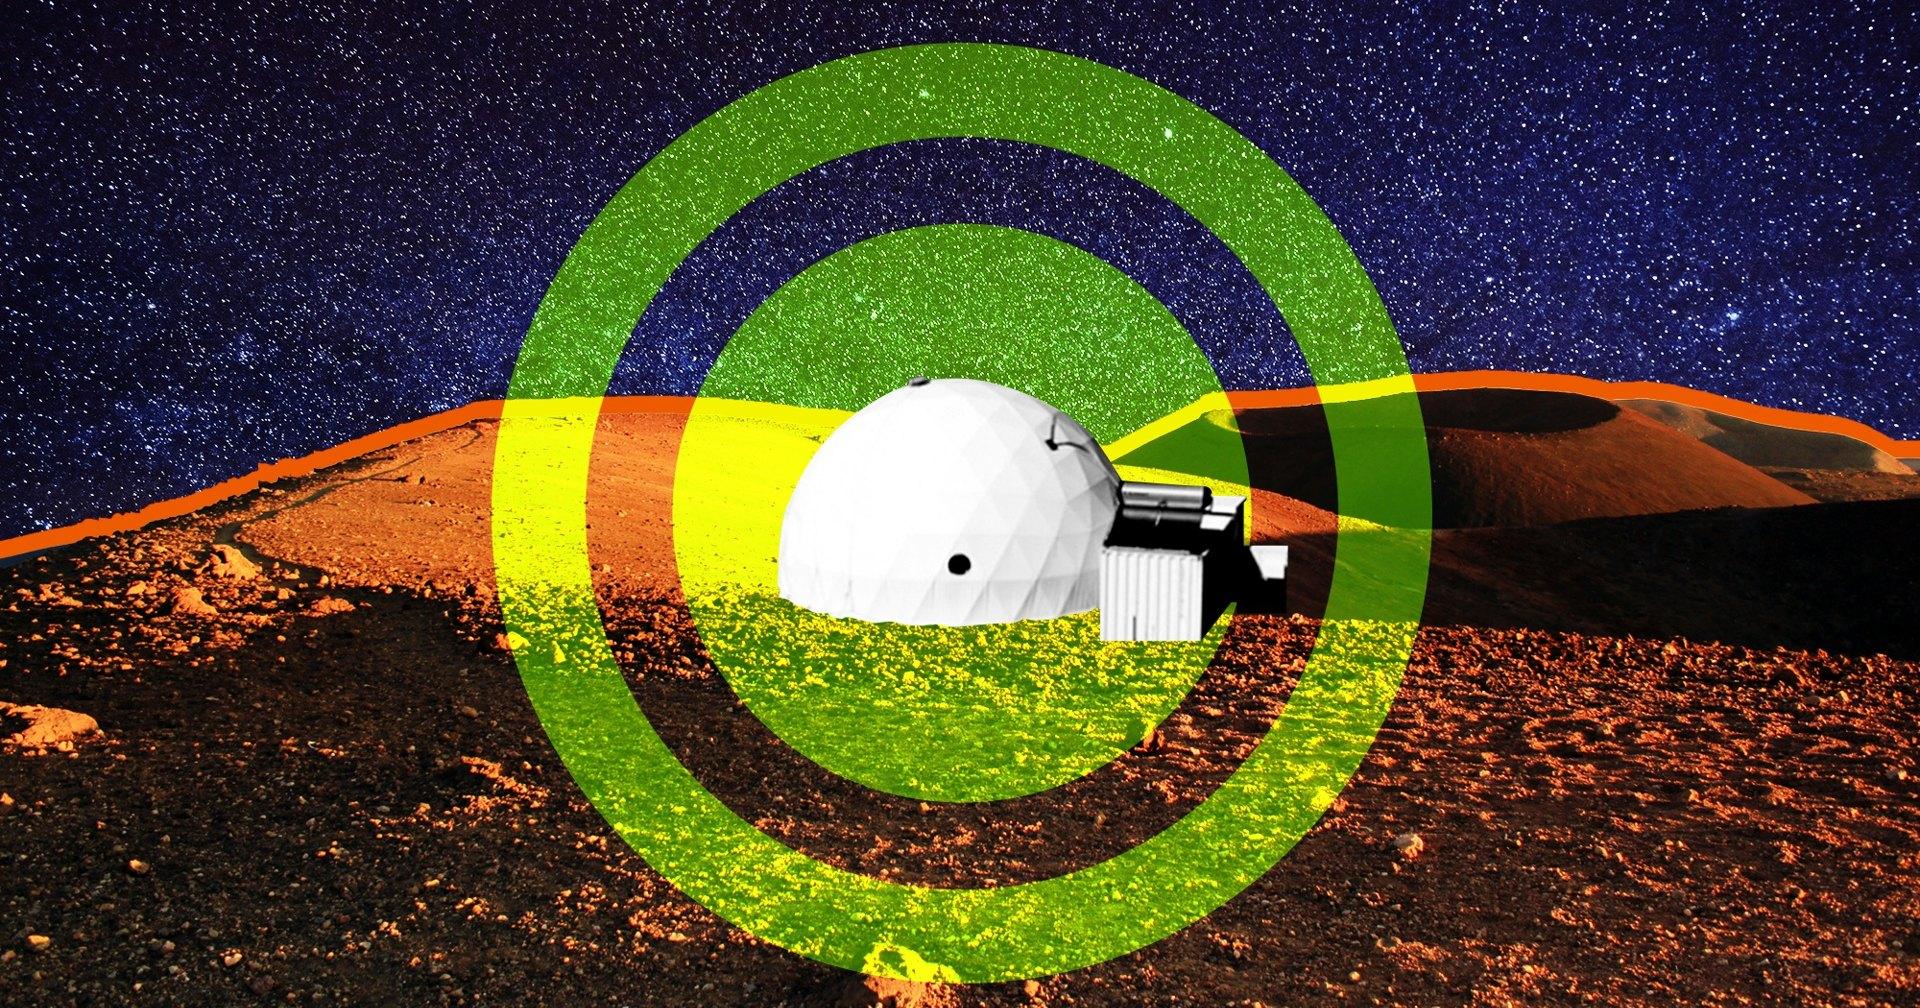 Что будет, если у астронавтов в марсианской симуляции начнутся проблемы?